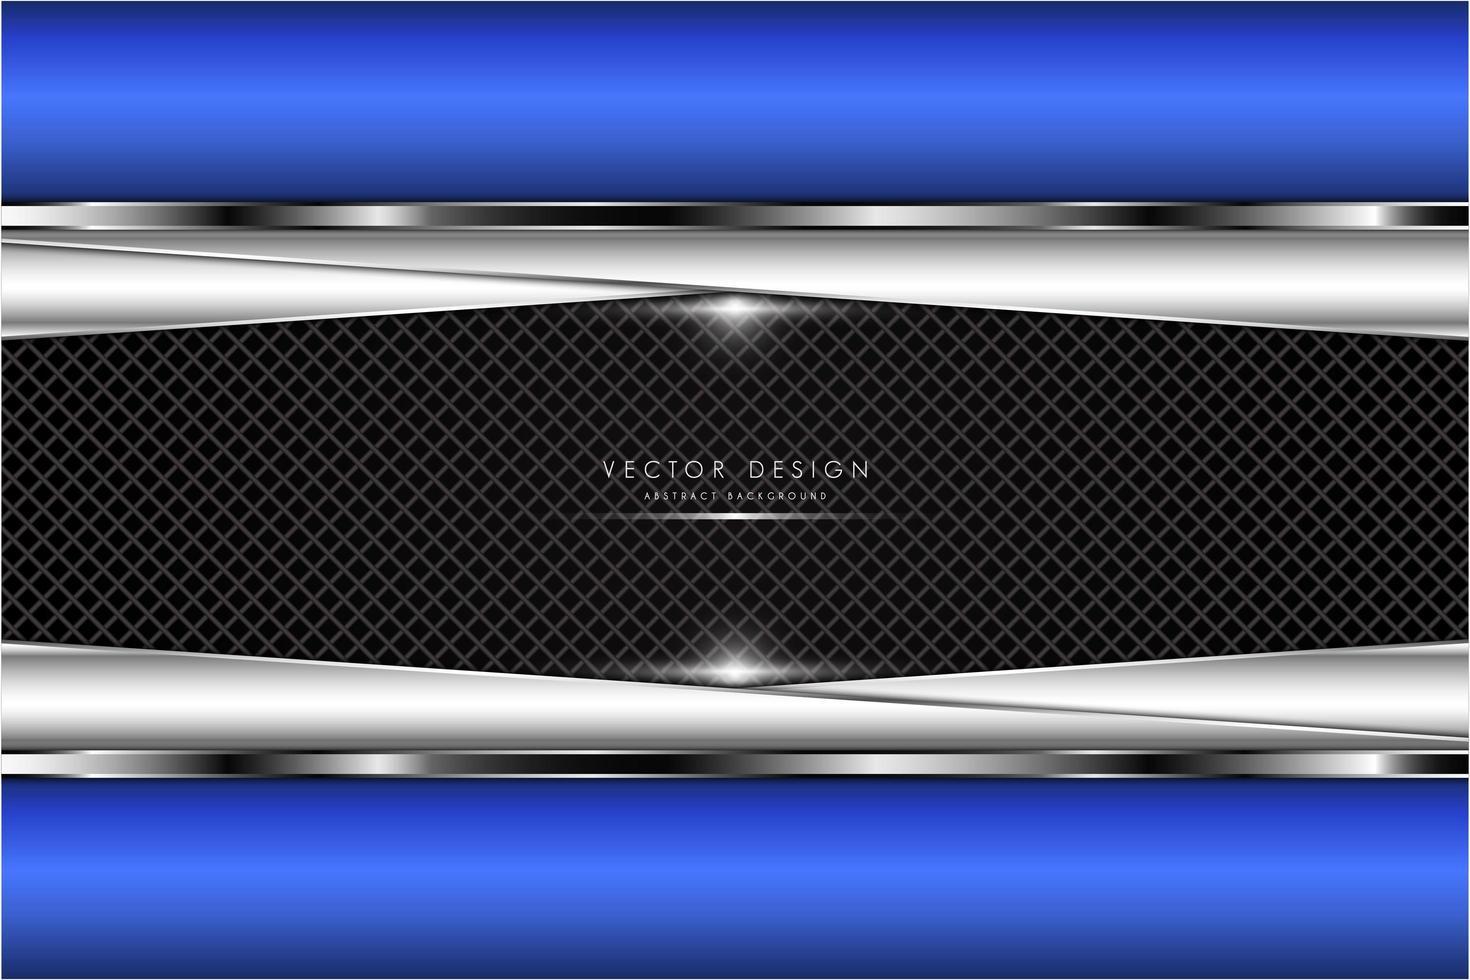 metallic blauwe rand en zilveren schuine platen over rooster textuur vector